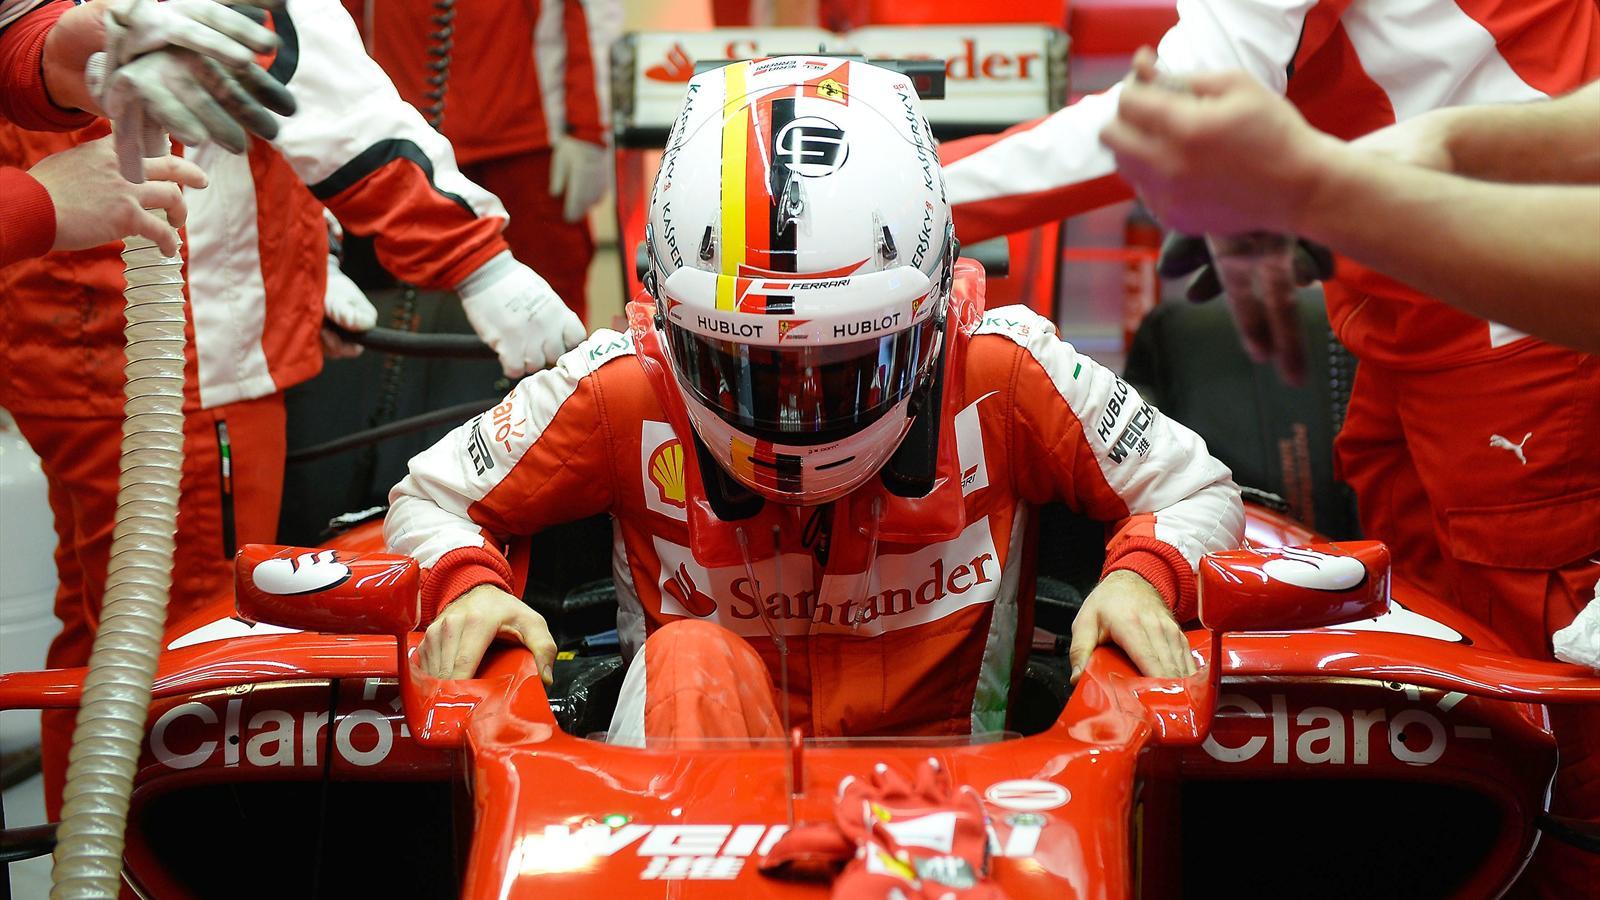 Spécial Sebastian Vettel (Formule un) - Page 11 1420644-30409662-1600-900